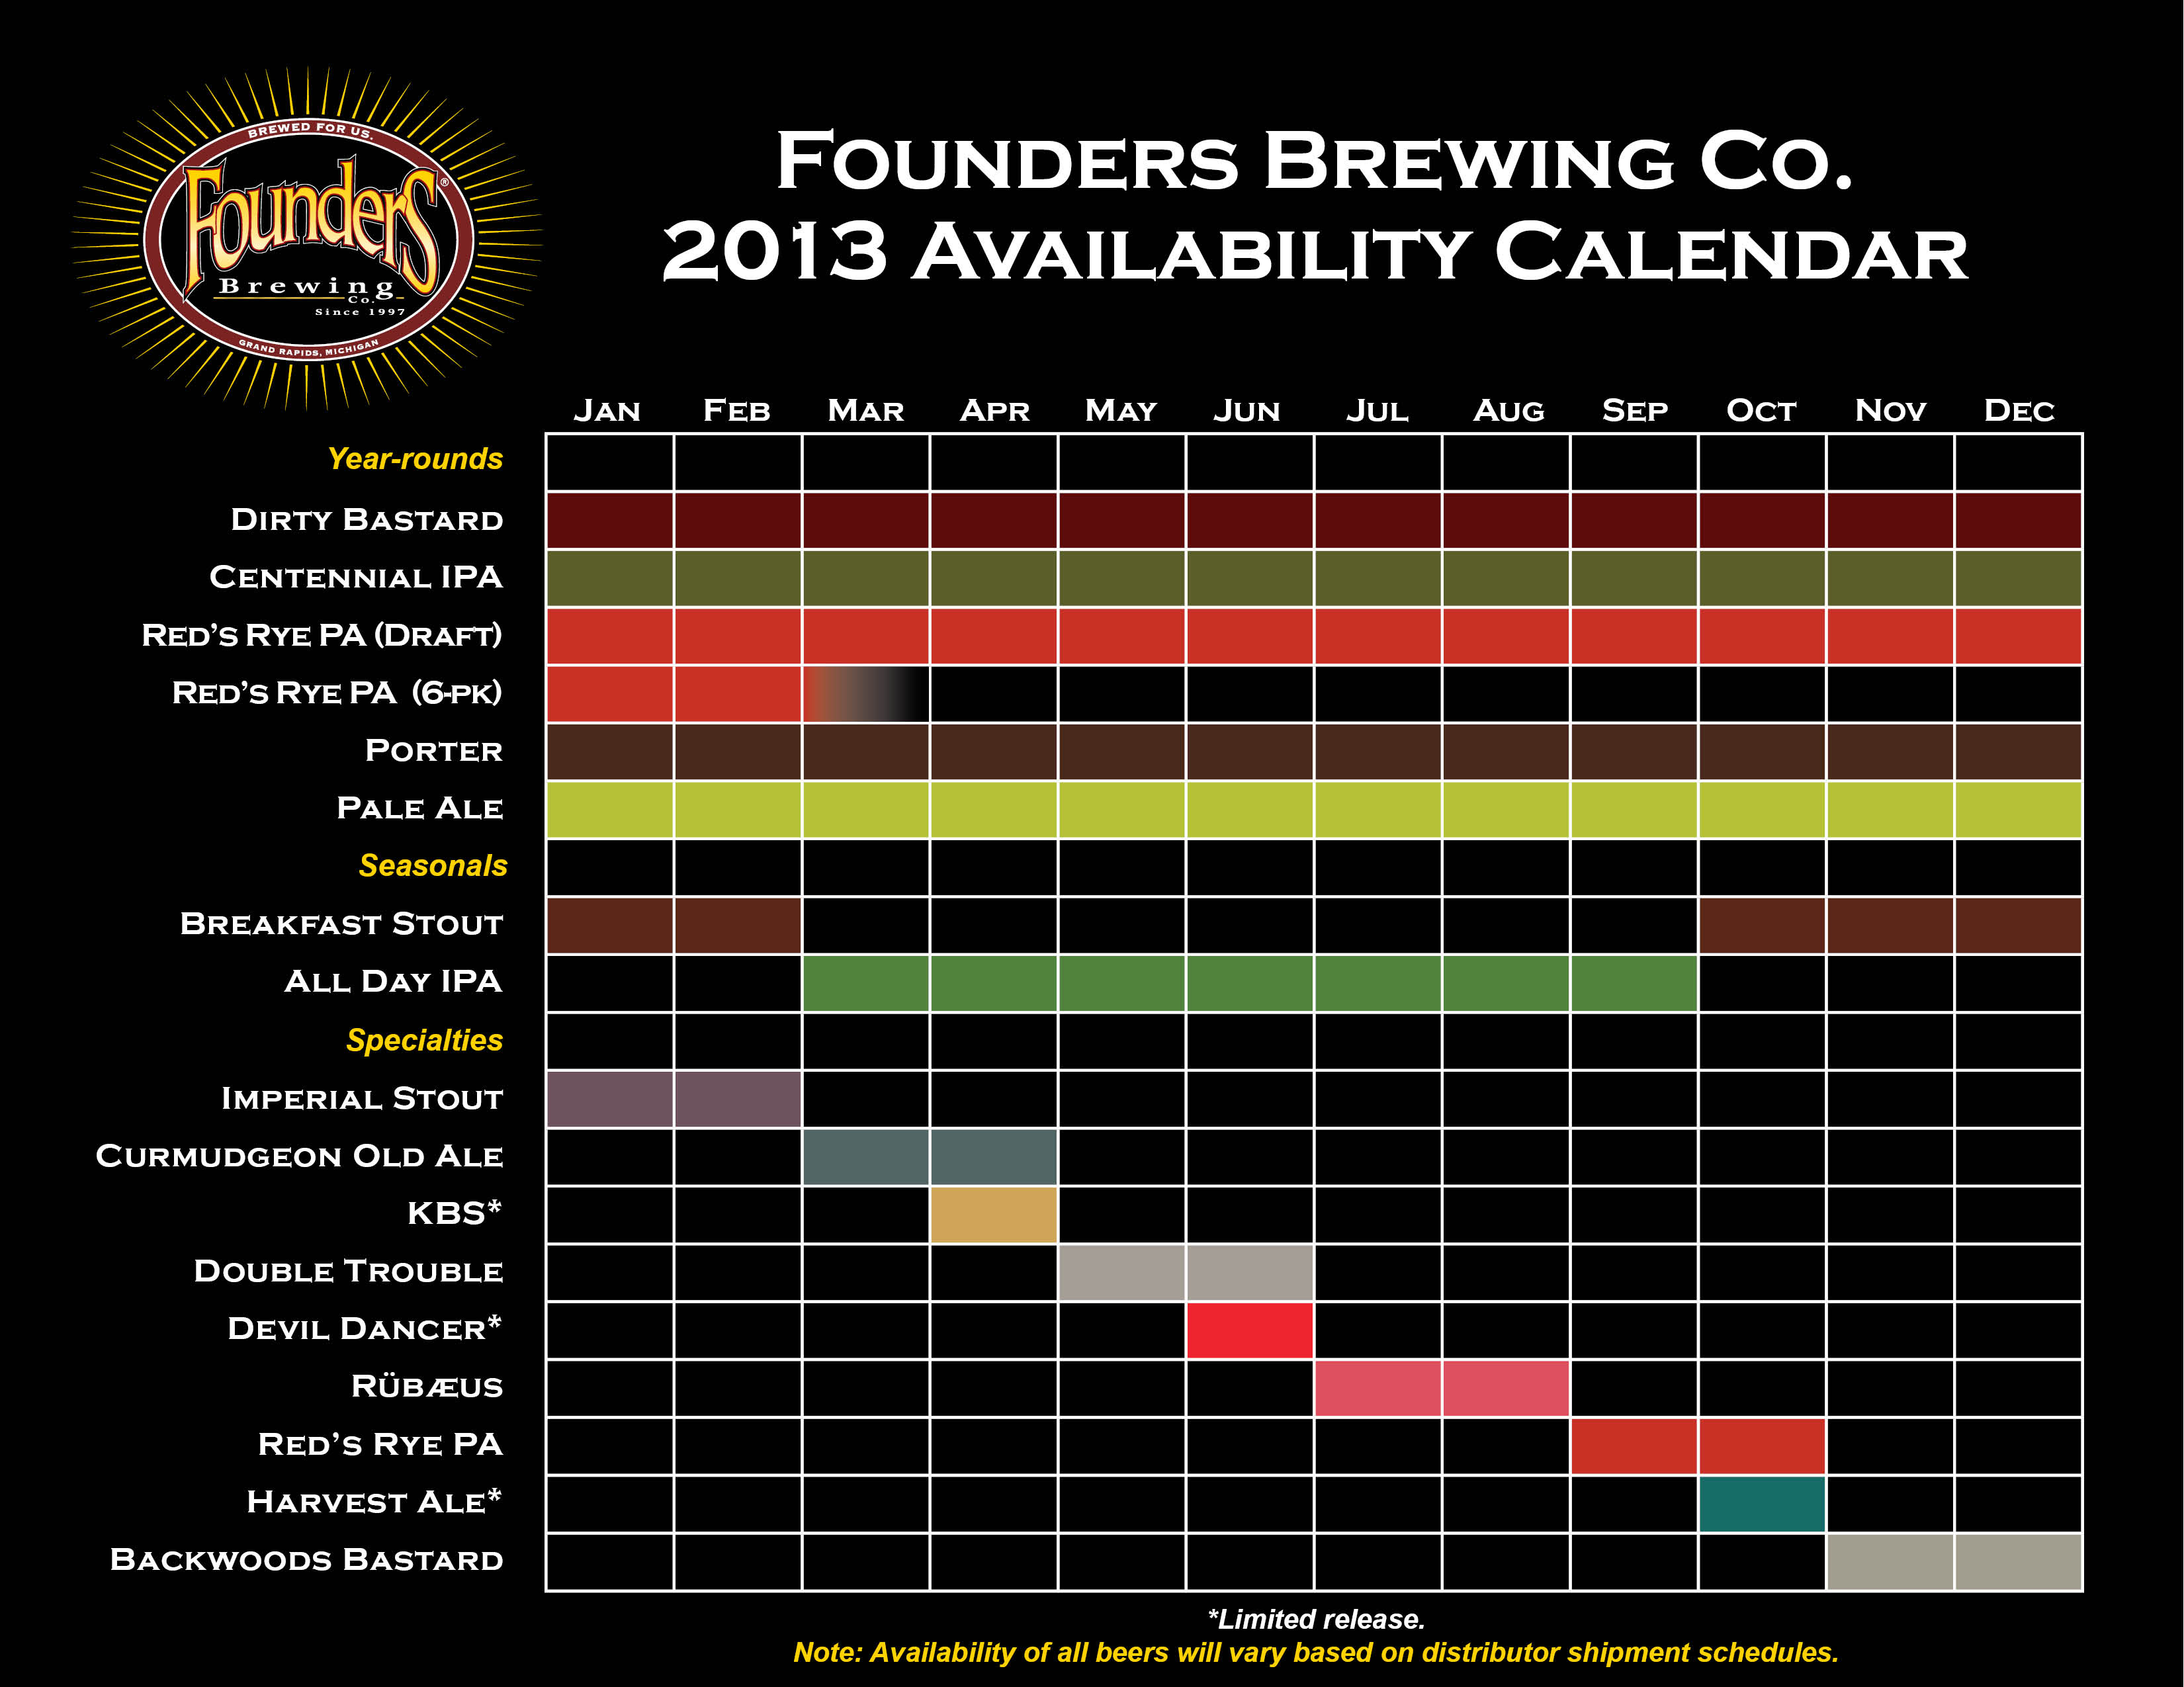 2013-Availability-Calendar-FINAL